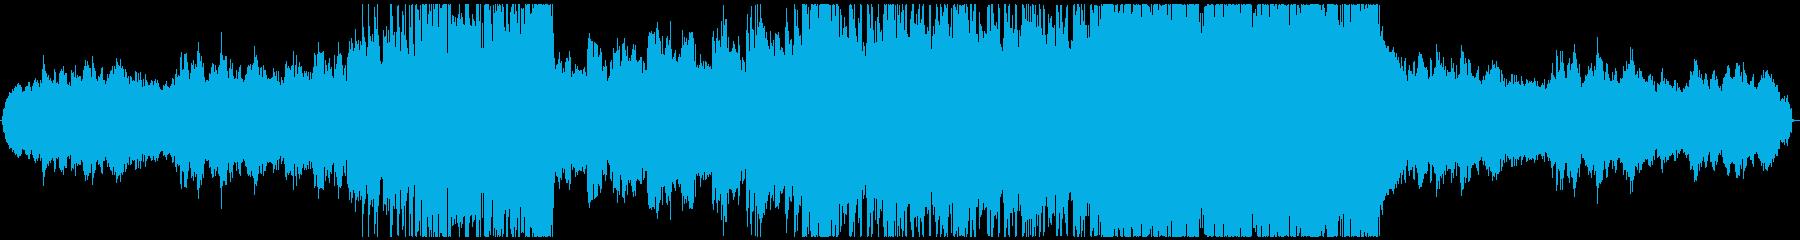 モダン テクノ アンビエント 励ま...の再生済みの波形